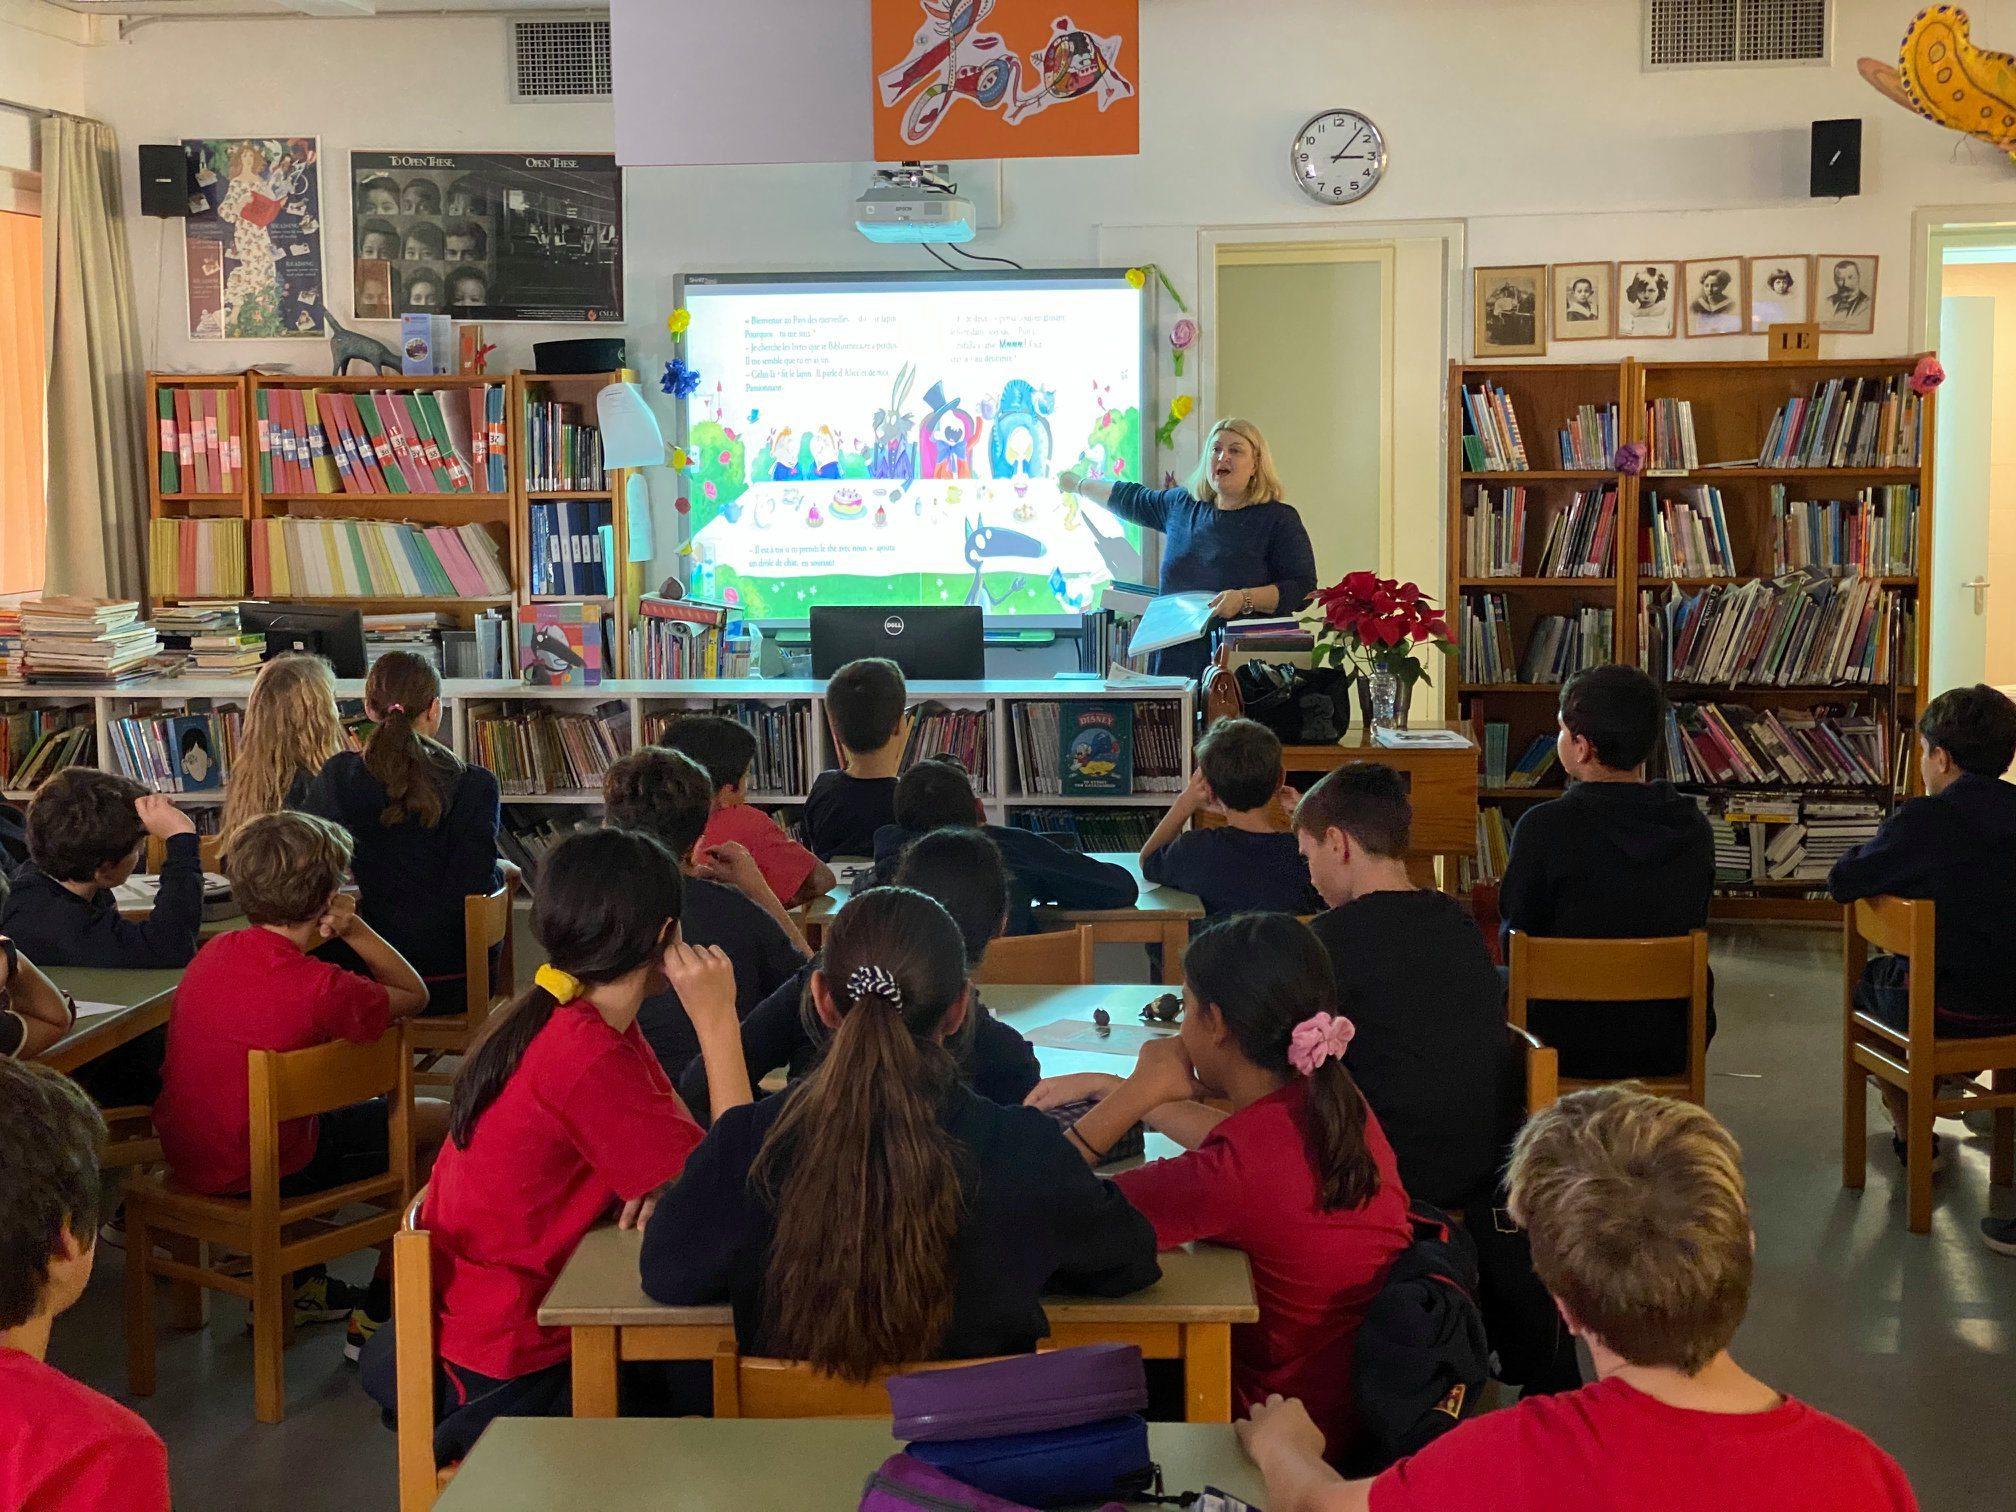 školovanje u grčkoj